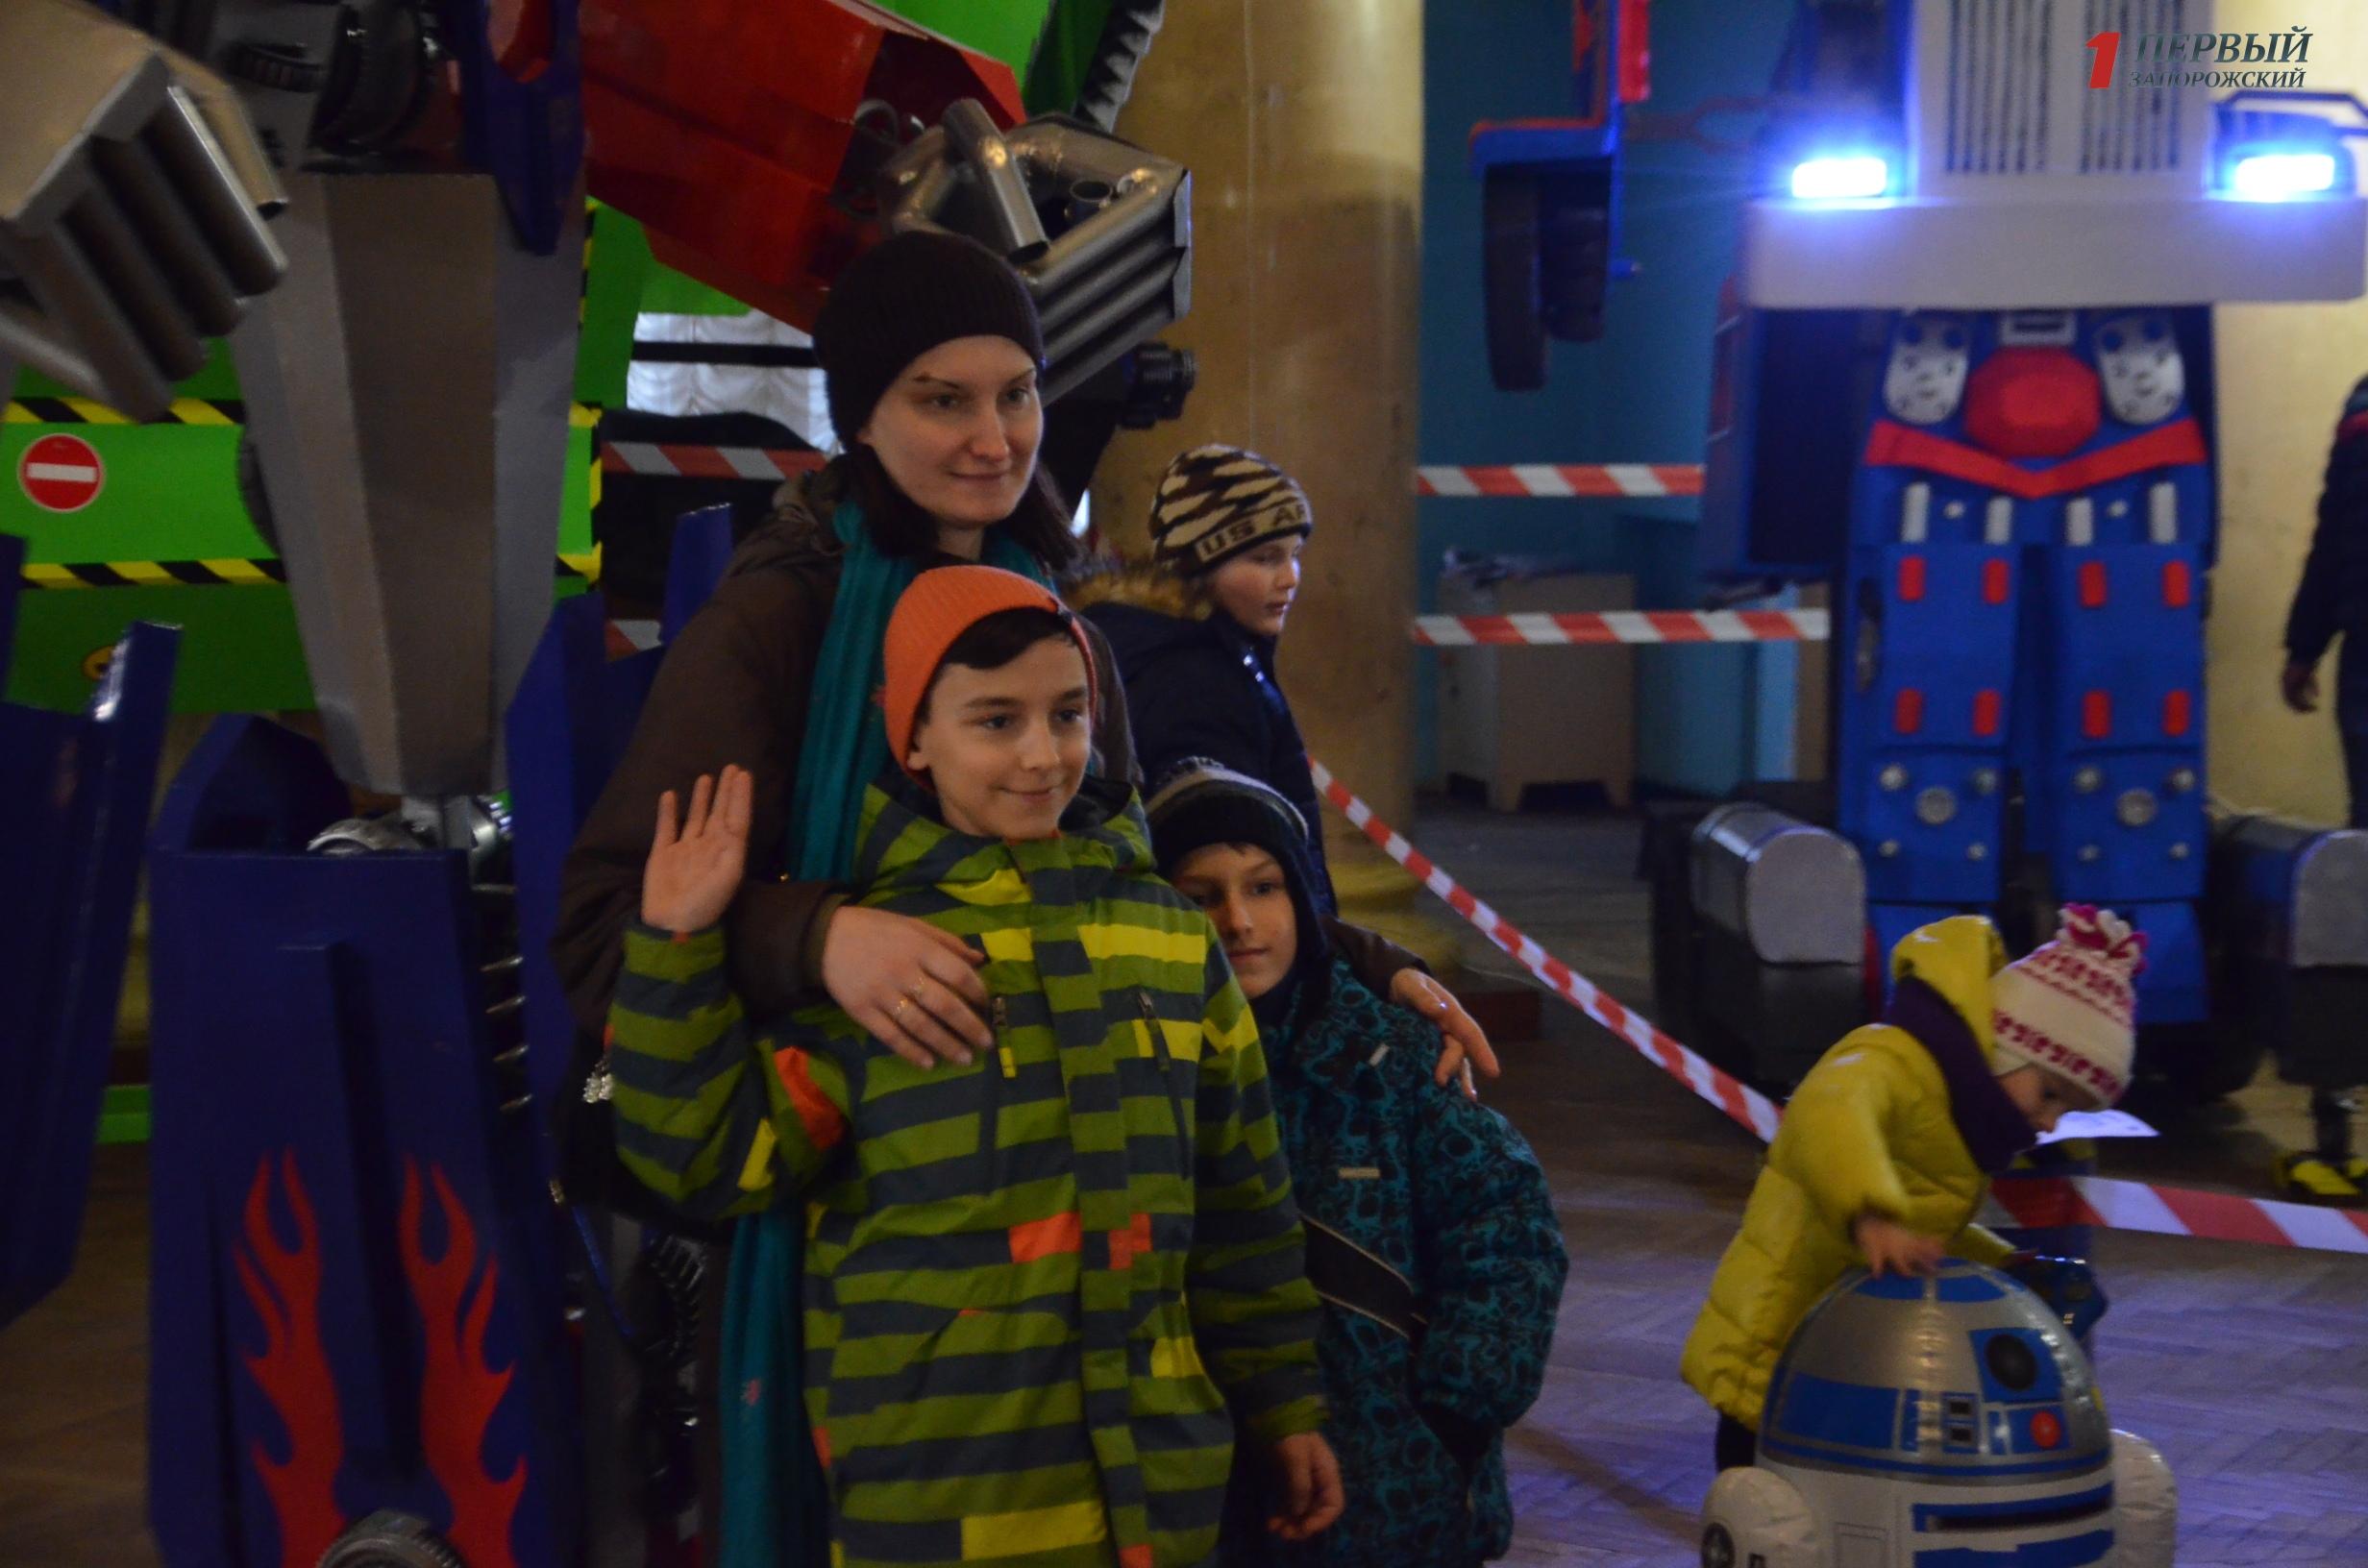 В Запорожье открылась удивительная выставка трансформеров и роботов - ФОТО, ВИДЕО